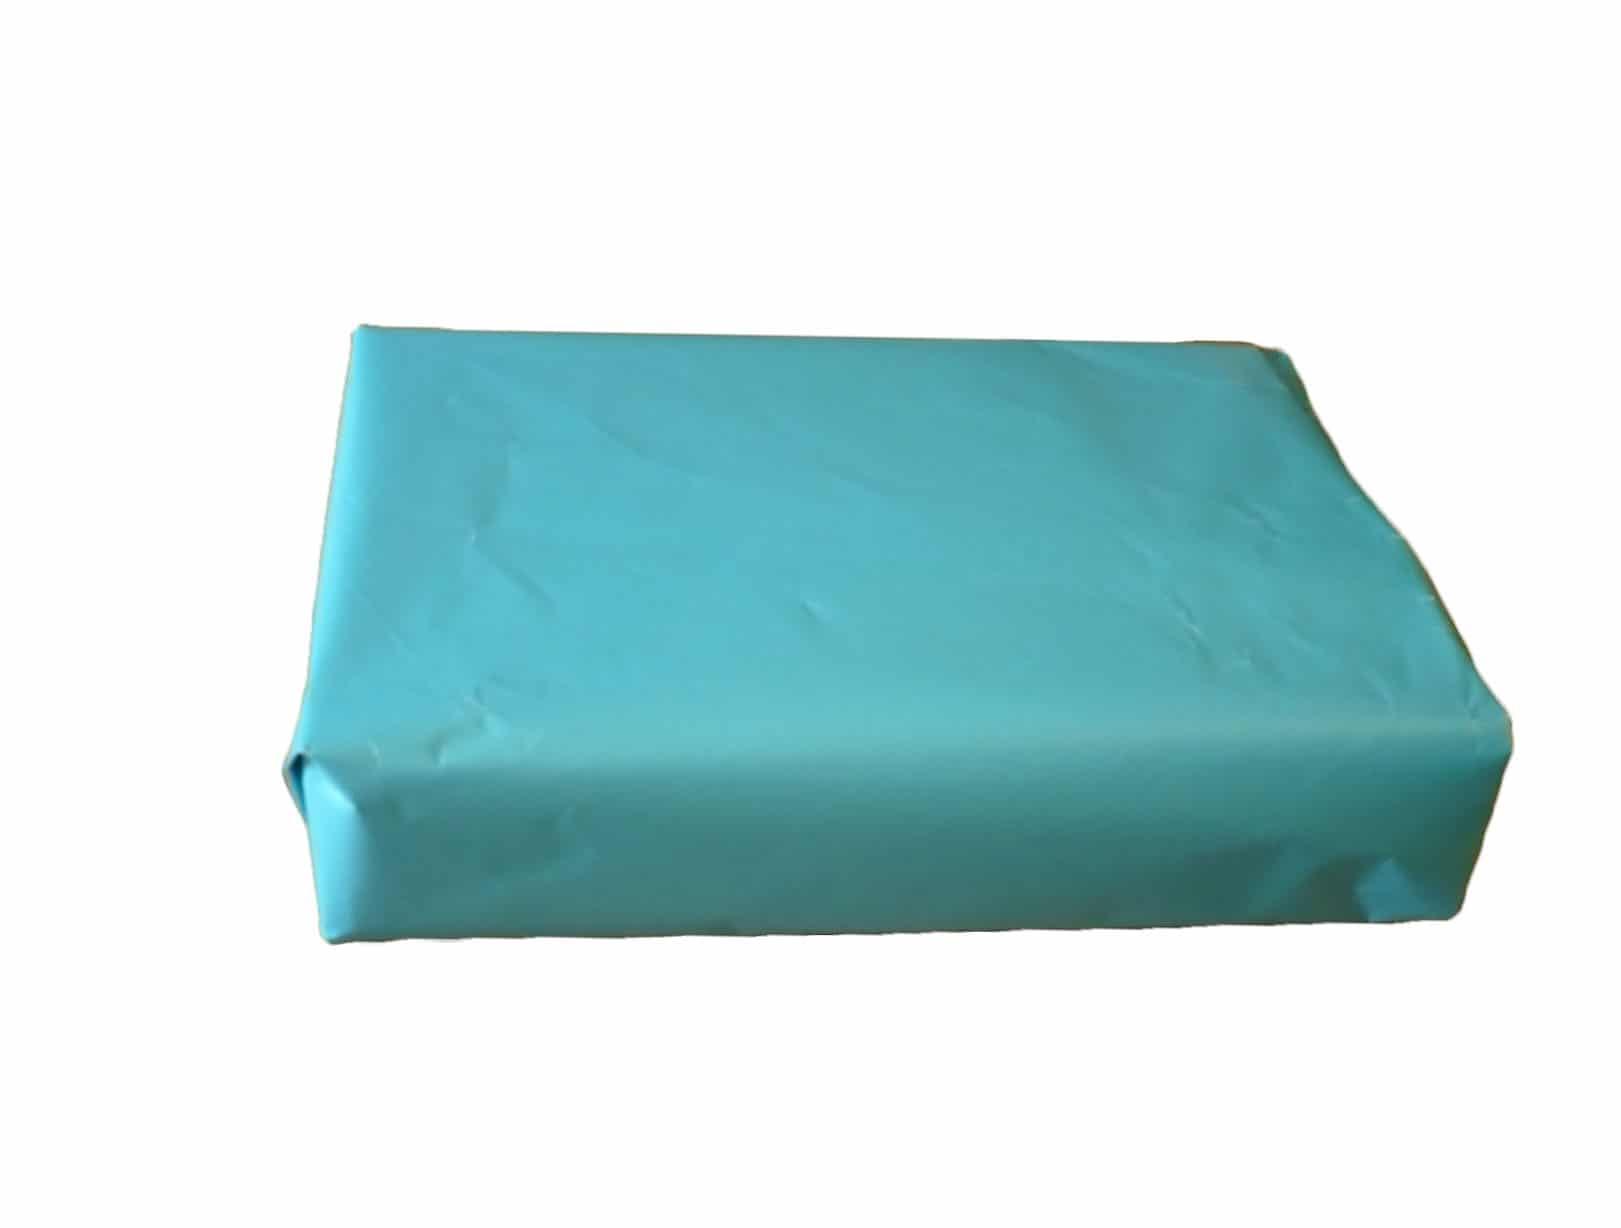 Emballer Un Cadeau Avec La Methode Japonaise Emballage Cadeau